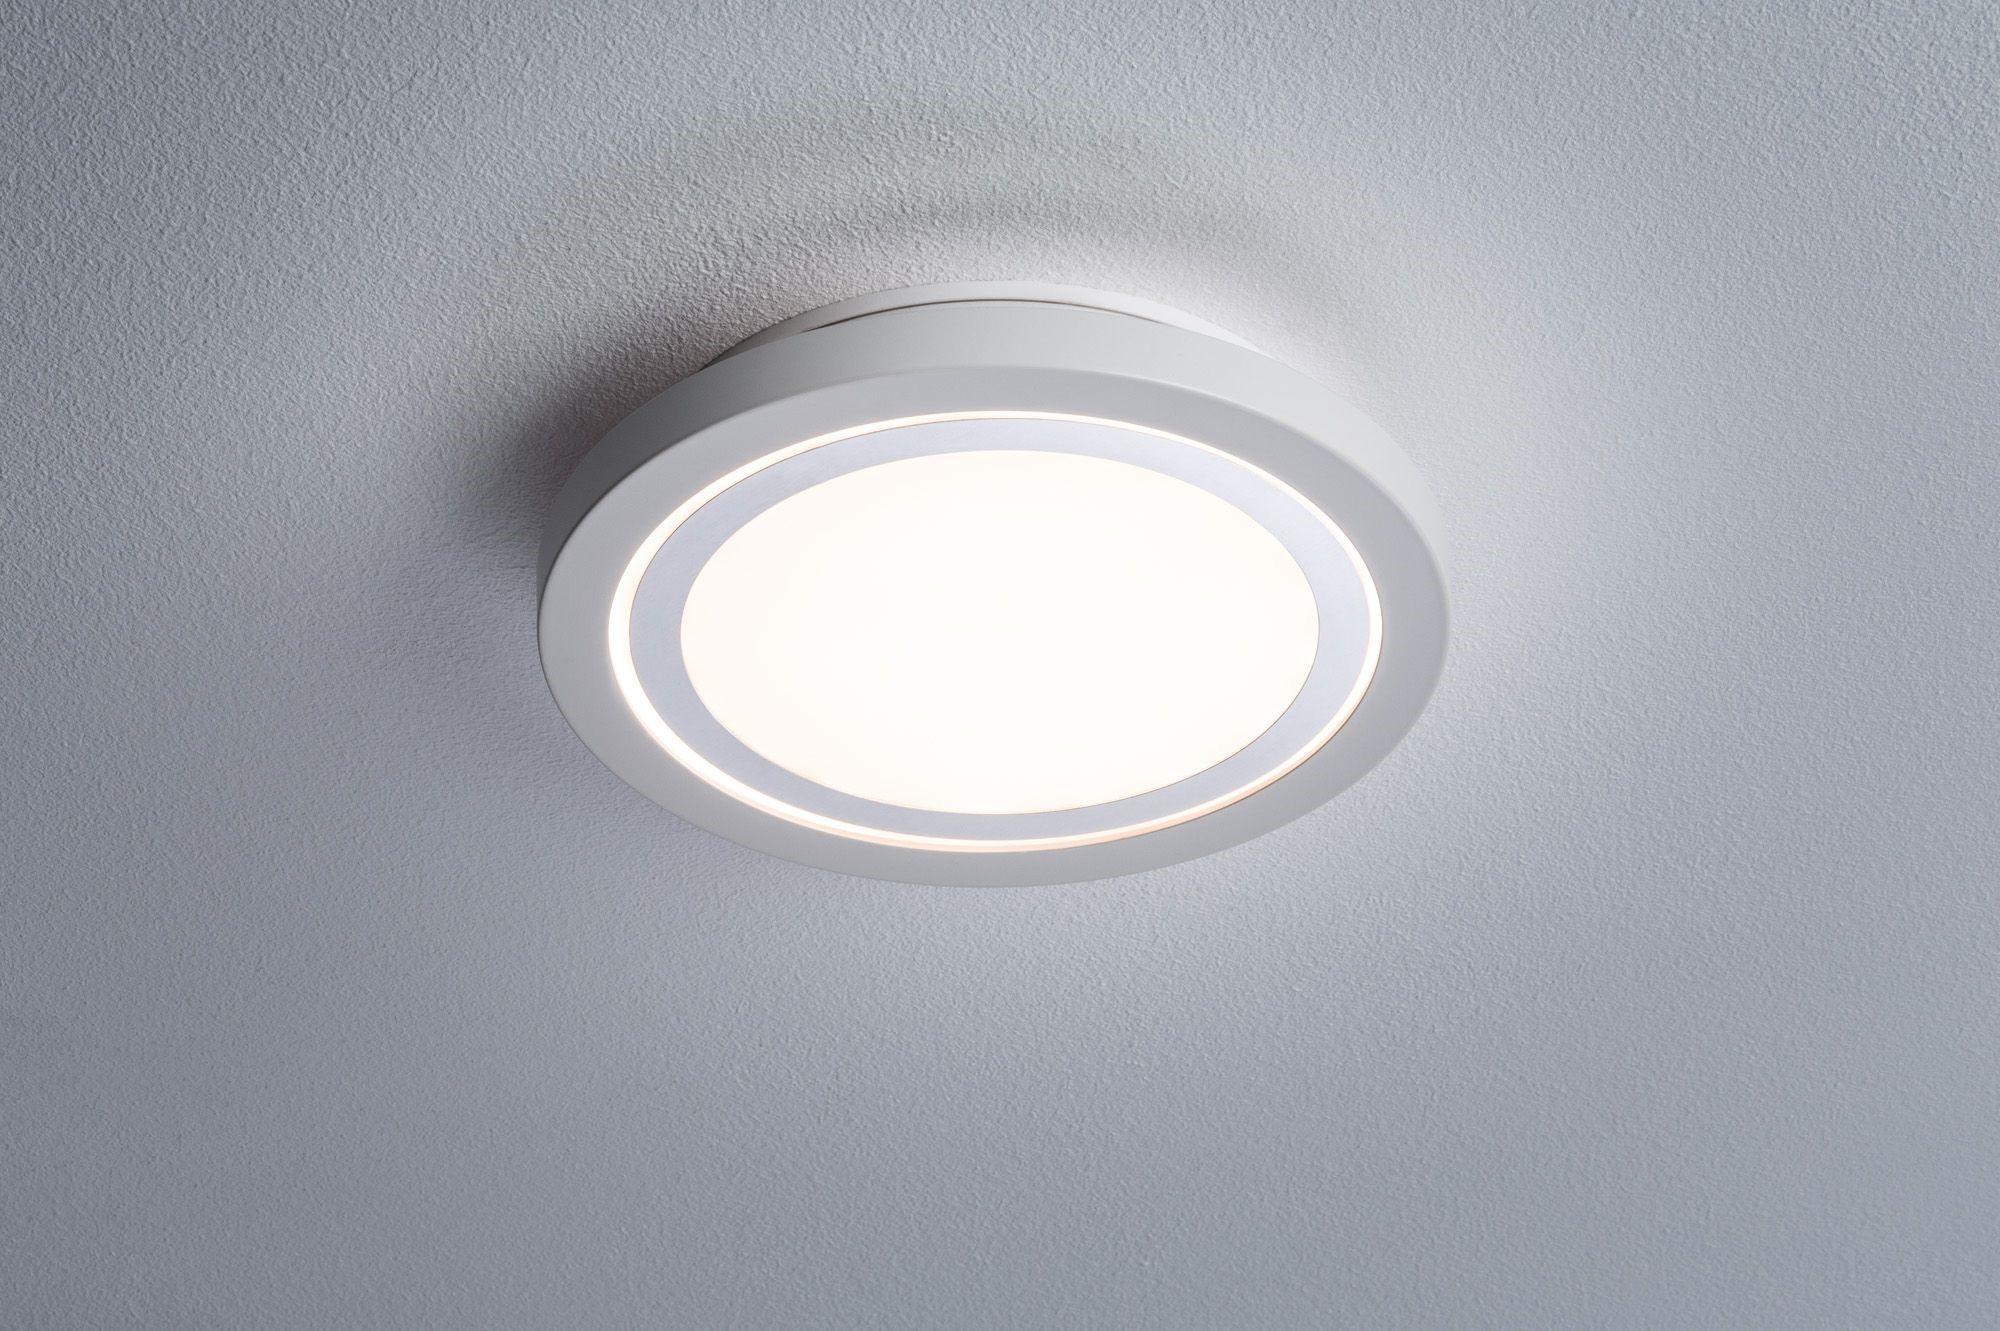 Почему стоит приобрести светодиодные светильники: преимущества их использования